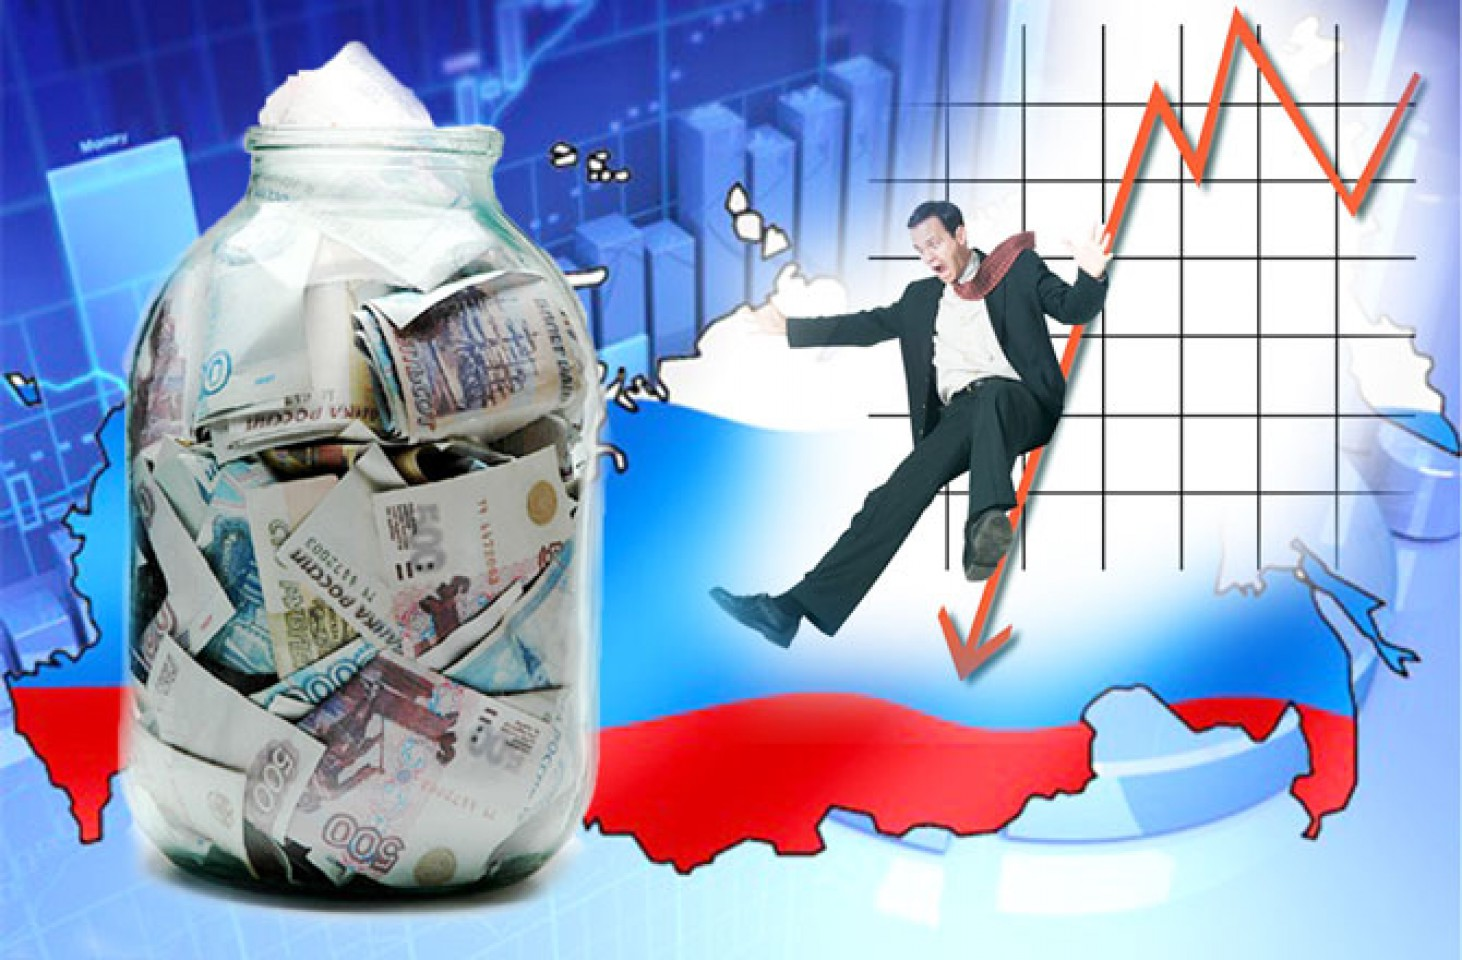 Россияне потеряли 200 миллиардов рублей пенсионных накоплений в 2015 году